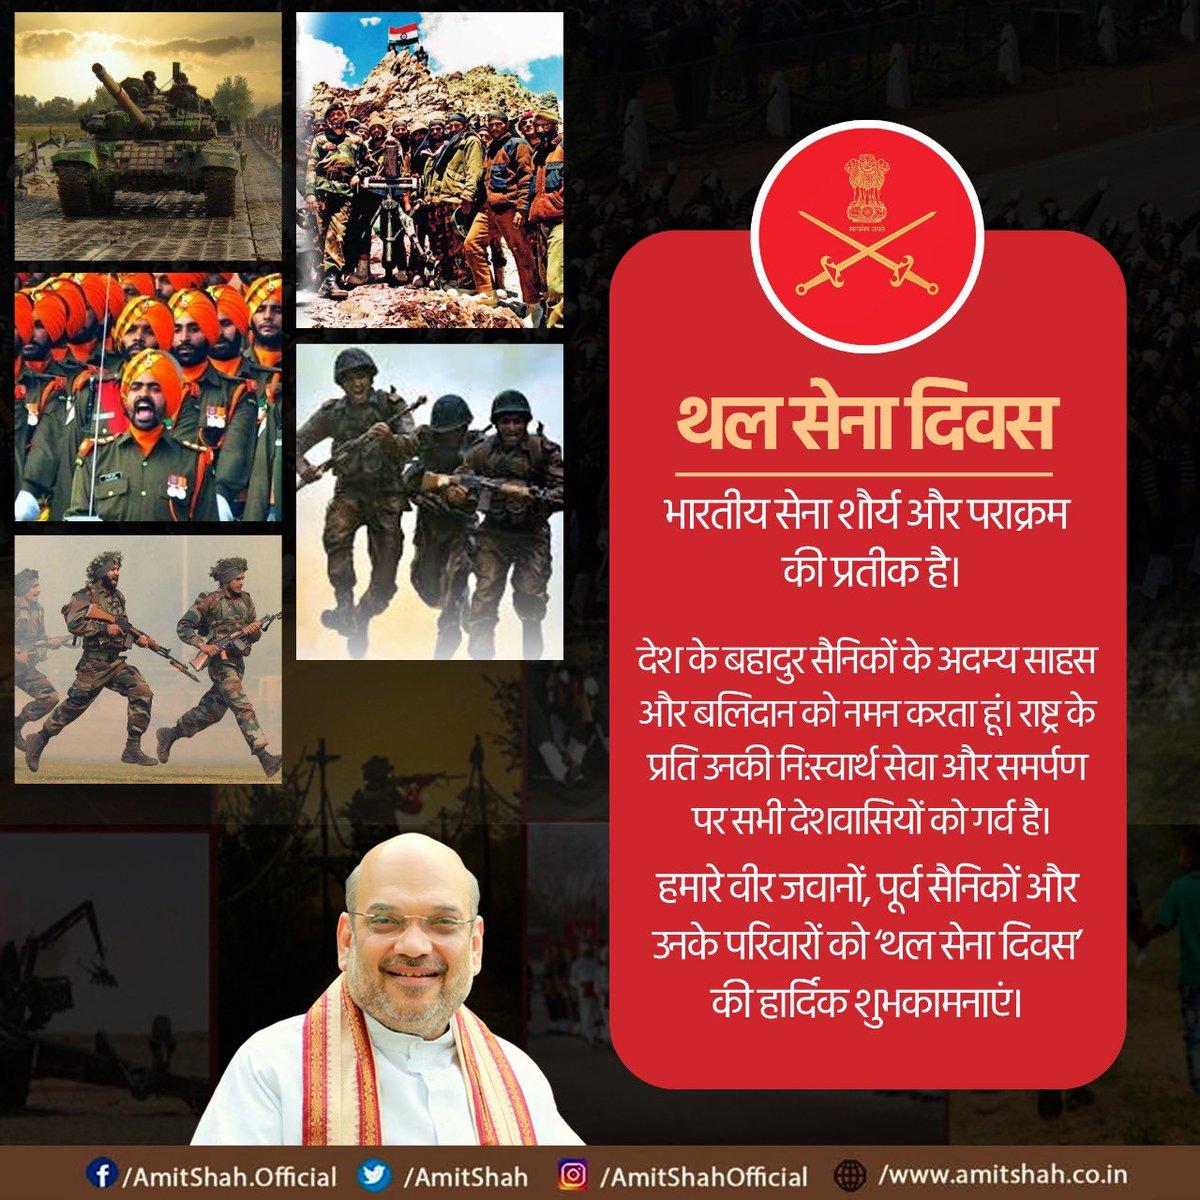 भारतीय सेना शौर्य और पराक्रम की प्रतीक है।  देश के बहादुर सैनिकों के अदम्य साहस और बलिदान को नमन करता हूं। राष्ट्र के प्रति उनकी नि:स्वार्थ सेवा और समर्पण पर सभी देशवासियों को गर्व है।  हमारे वीर जवानों, पूर्व सैनिकों और उनके परिवारों को 'थल सेना दिवस' की हार्दिक शुभकामनाएं।